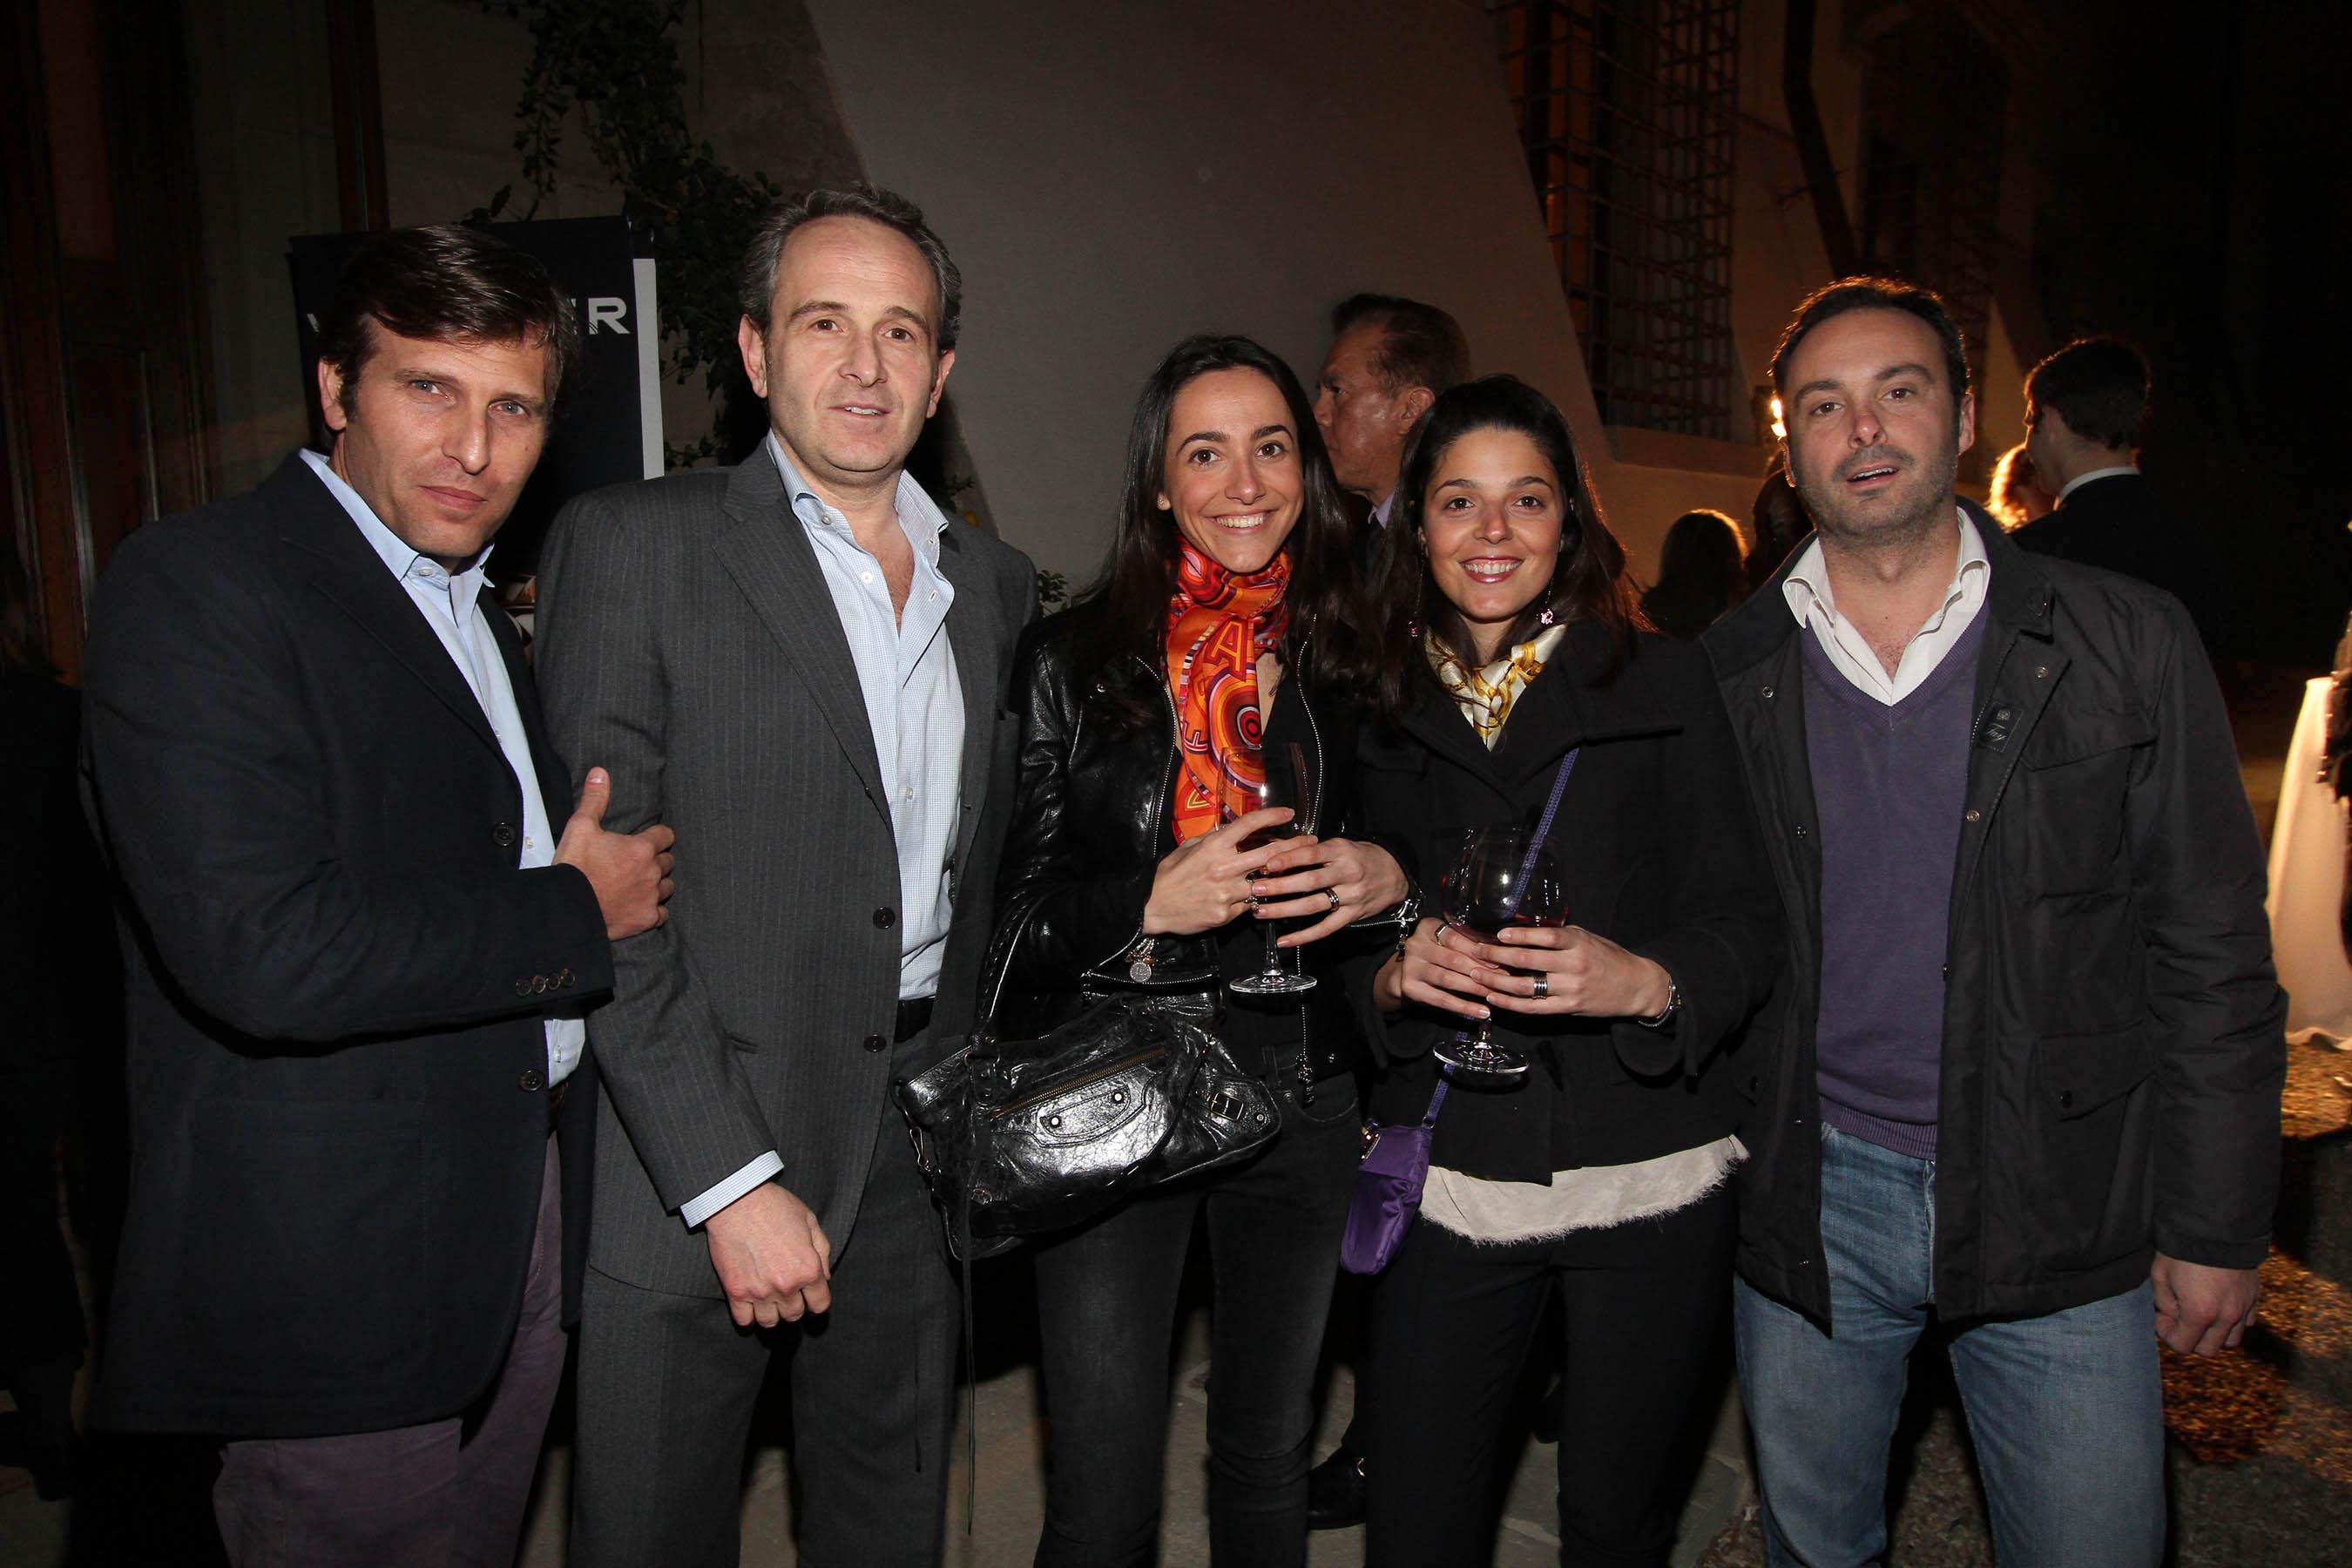 PRESSPHOTO Firenze, festa Firenze Magazine. Nella foto Lorenzo Galli, Lorenzo Bulgarini, Irene Rossi, Camilla Salvago, Andrea Caciotti